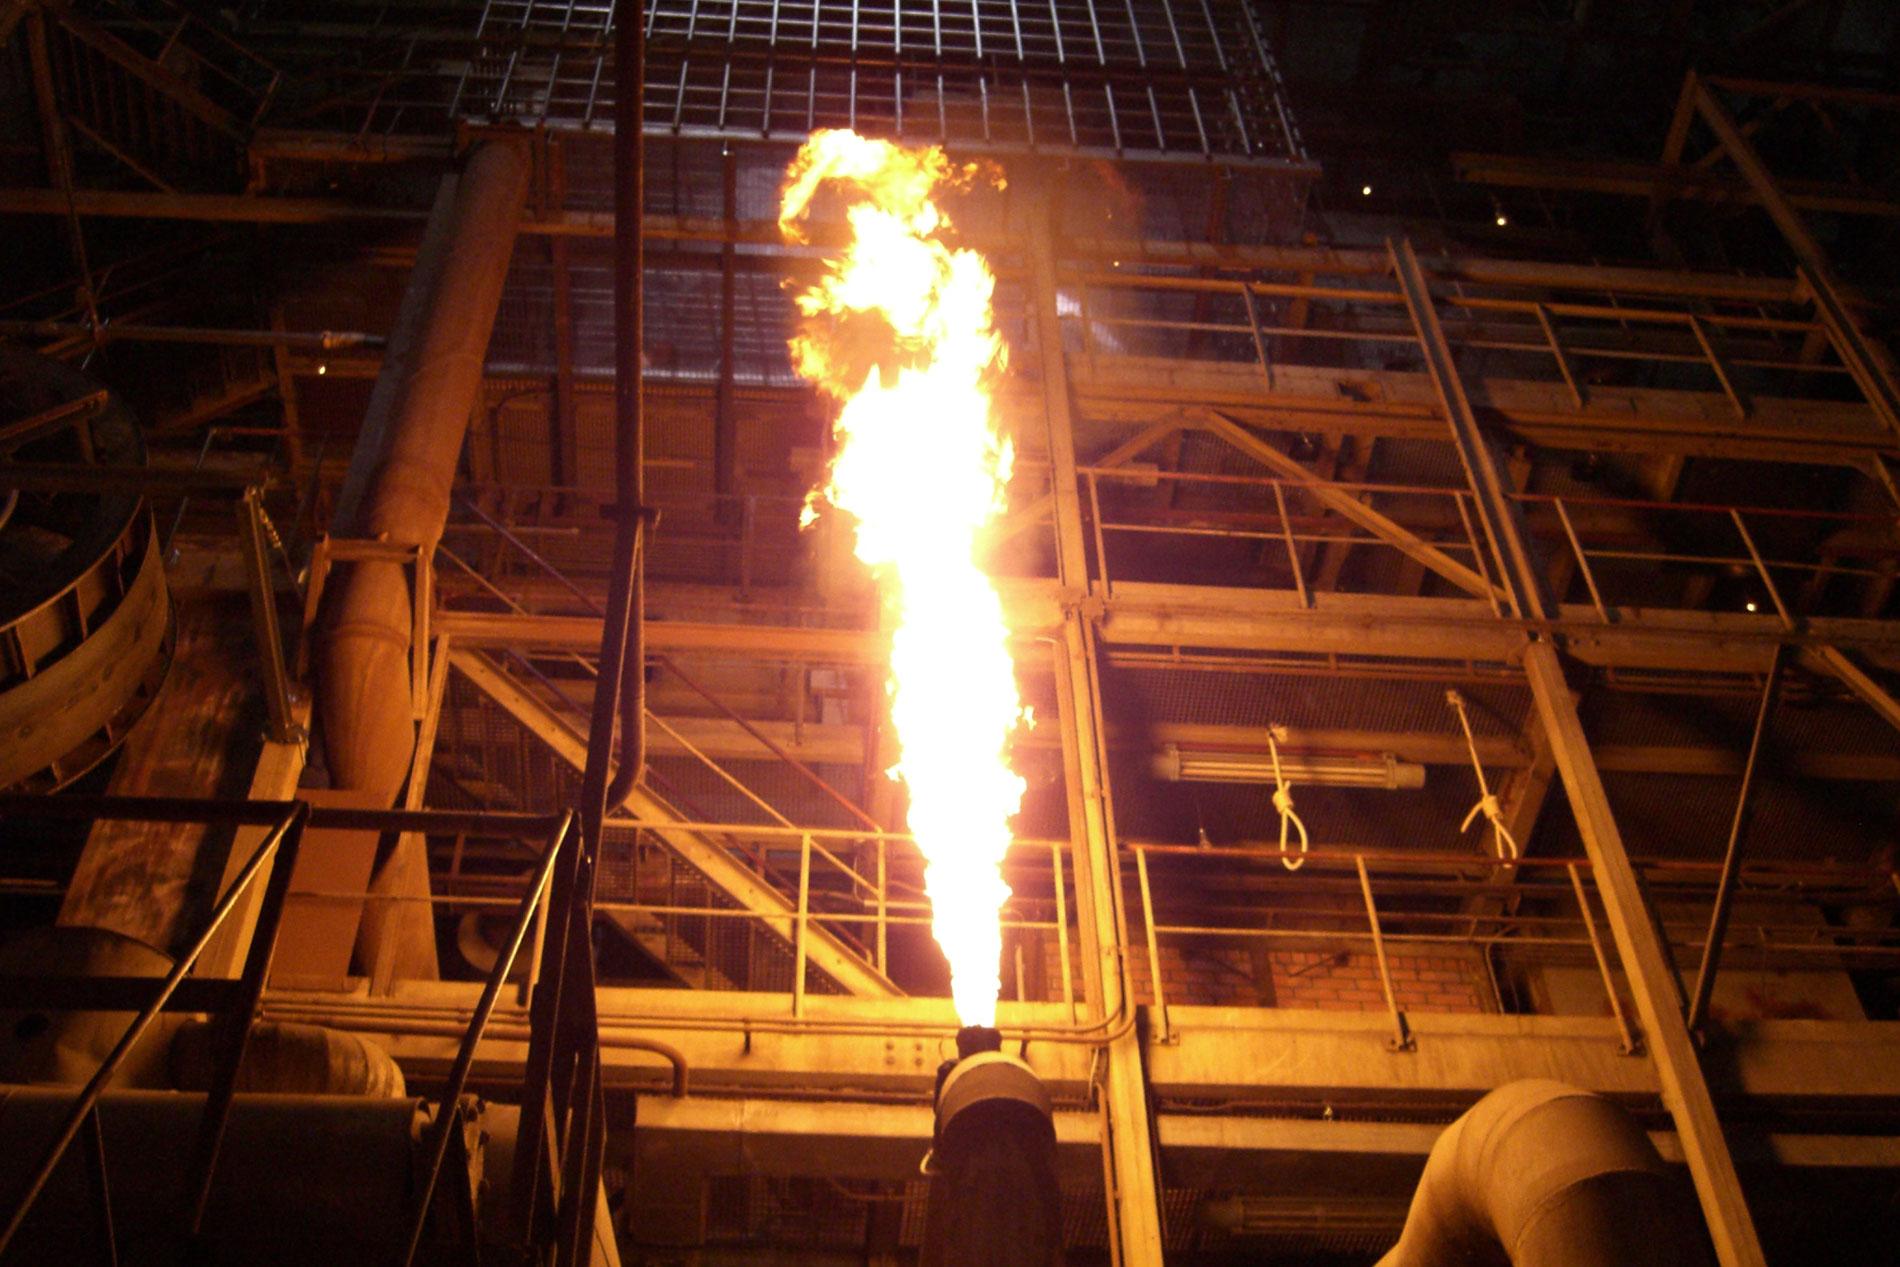 Flammensäule Open-Air-Inszenierung